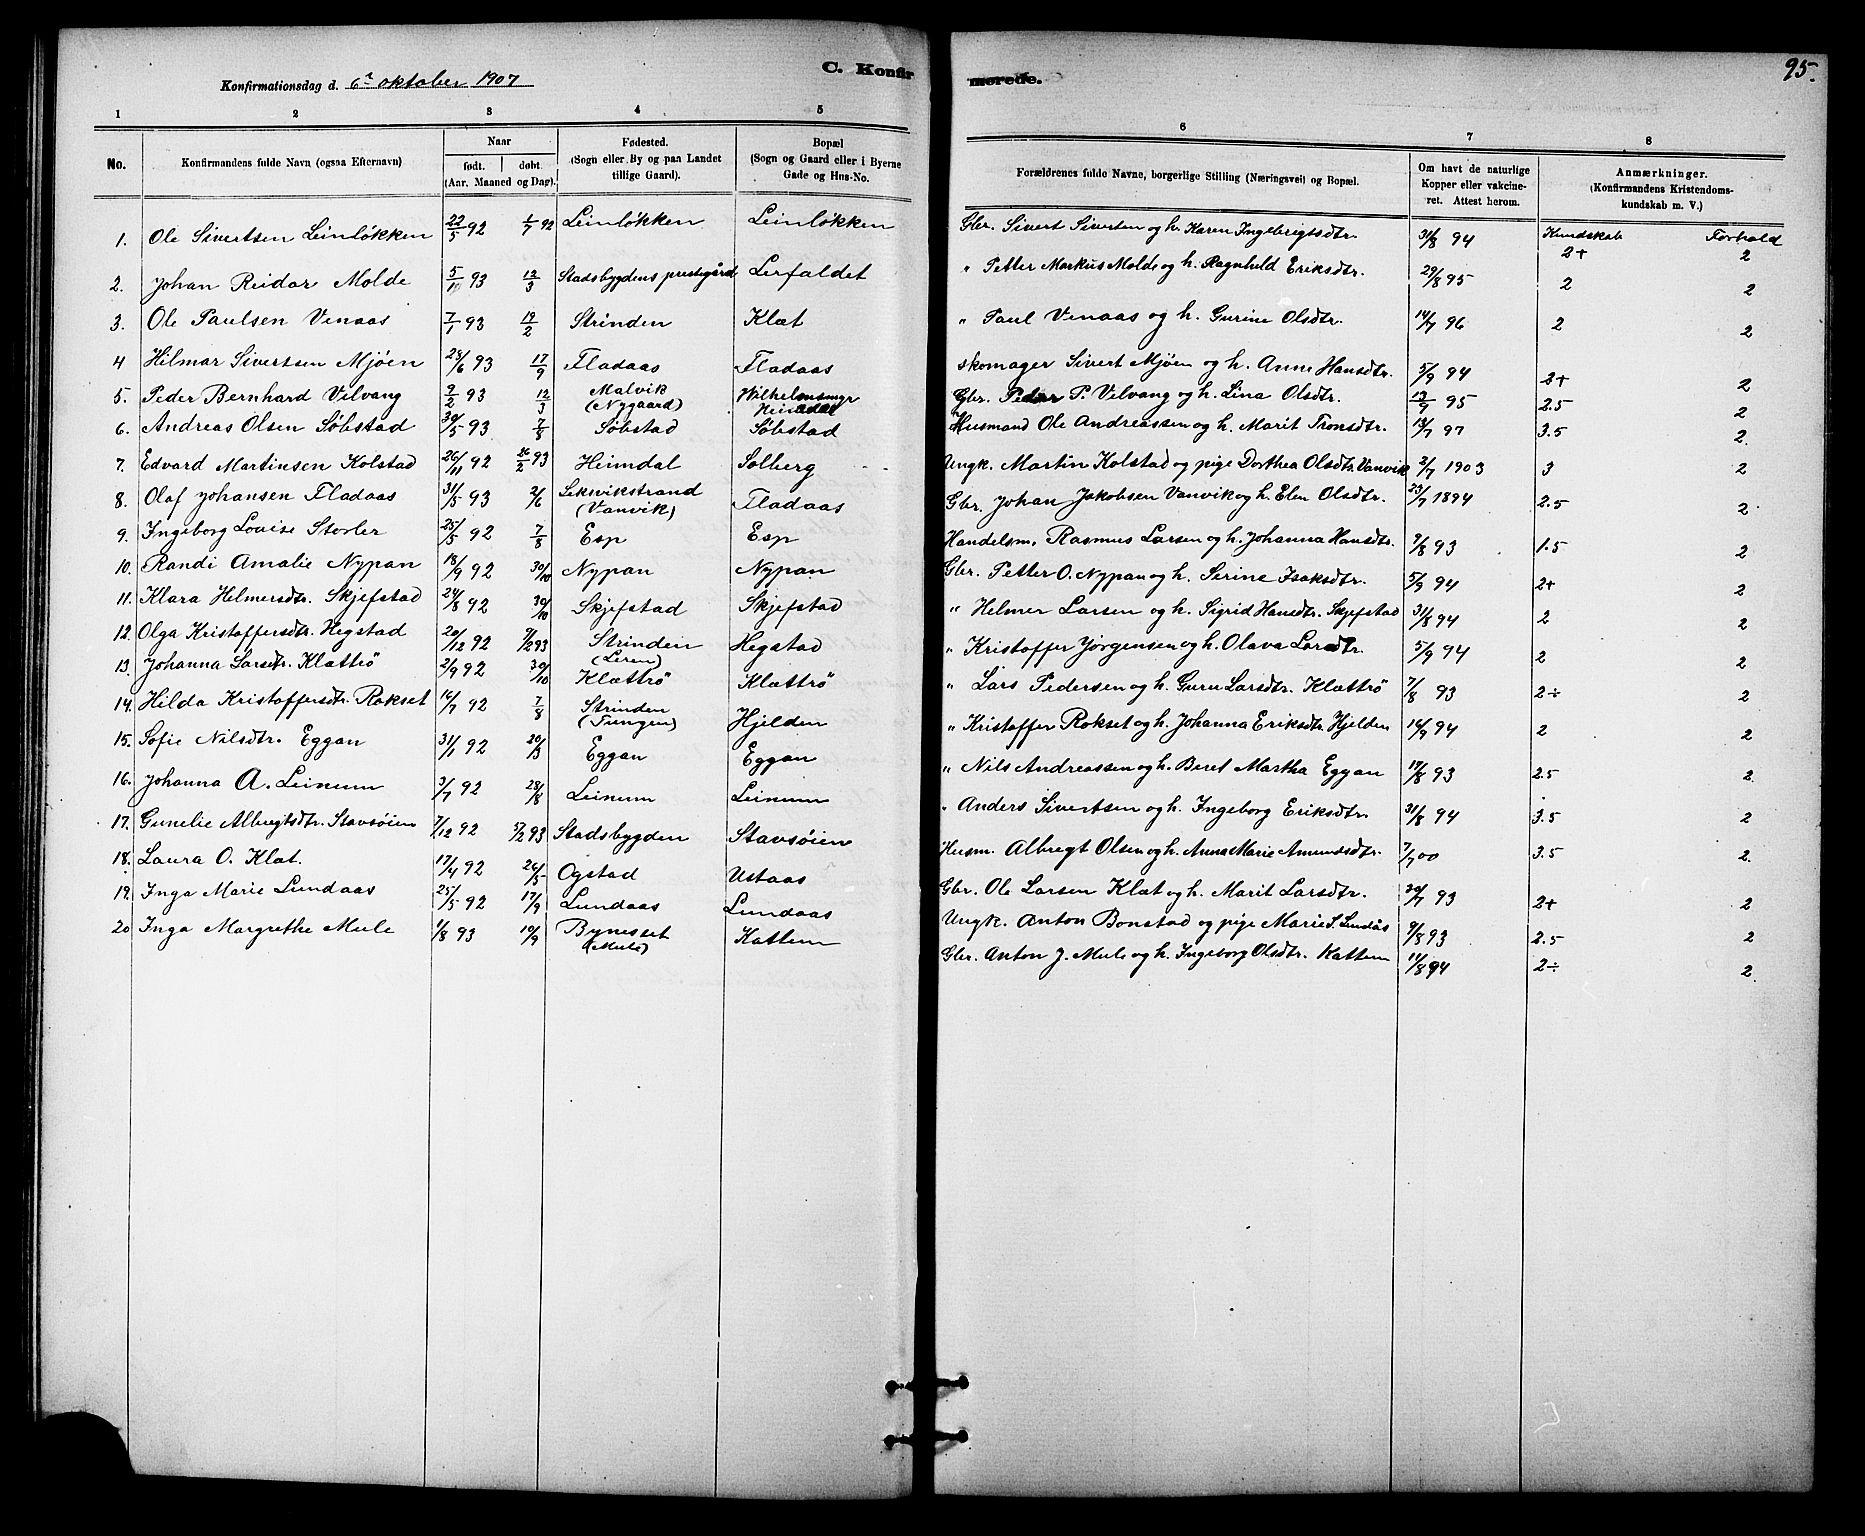 SAT, Ministerialprotokoller, klokkerbøker og fødselsregistre - Sør-Trøndelag, 613/L0395: Klokkerbok nr. 613C03, 1887-1909, s. 95